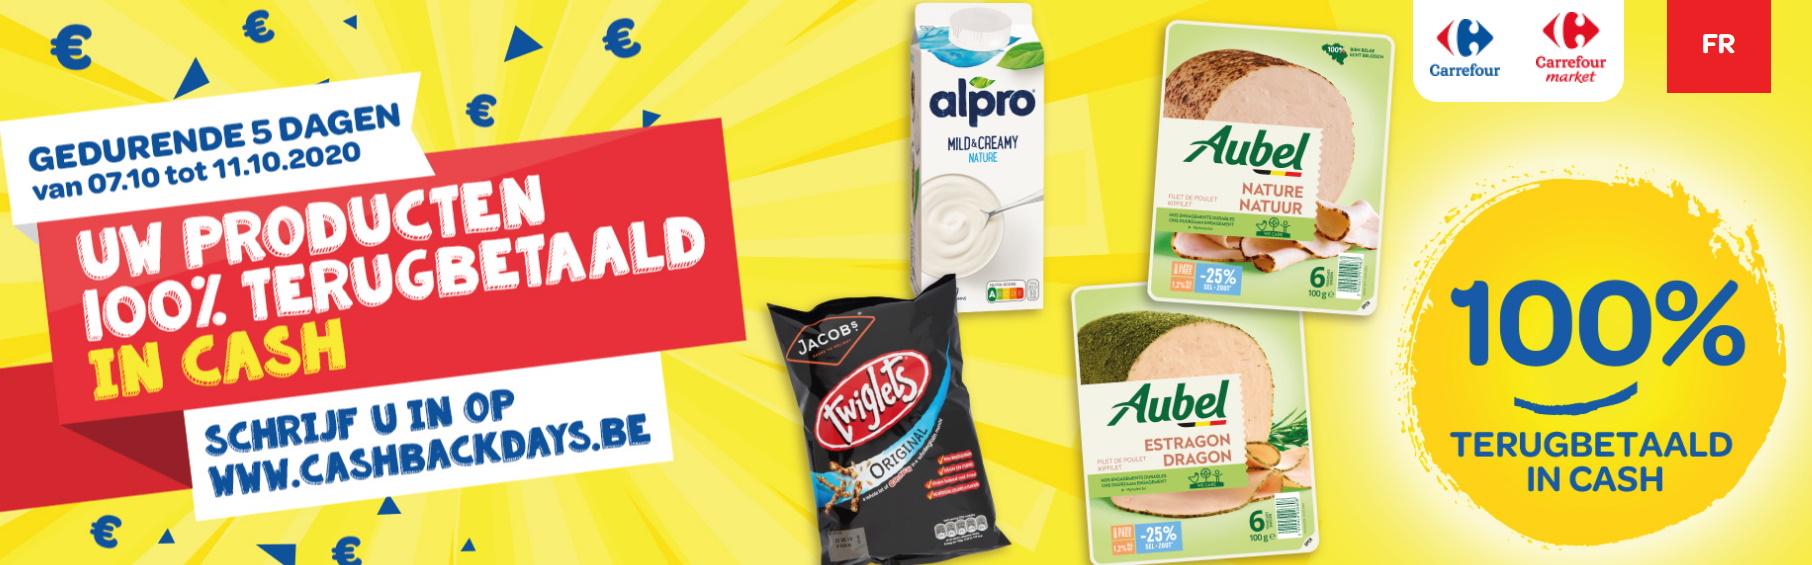 Cashback Days: 100% terugbetaalde producten bij Carrefour